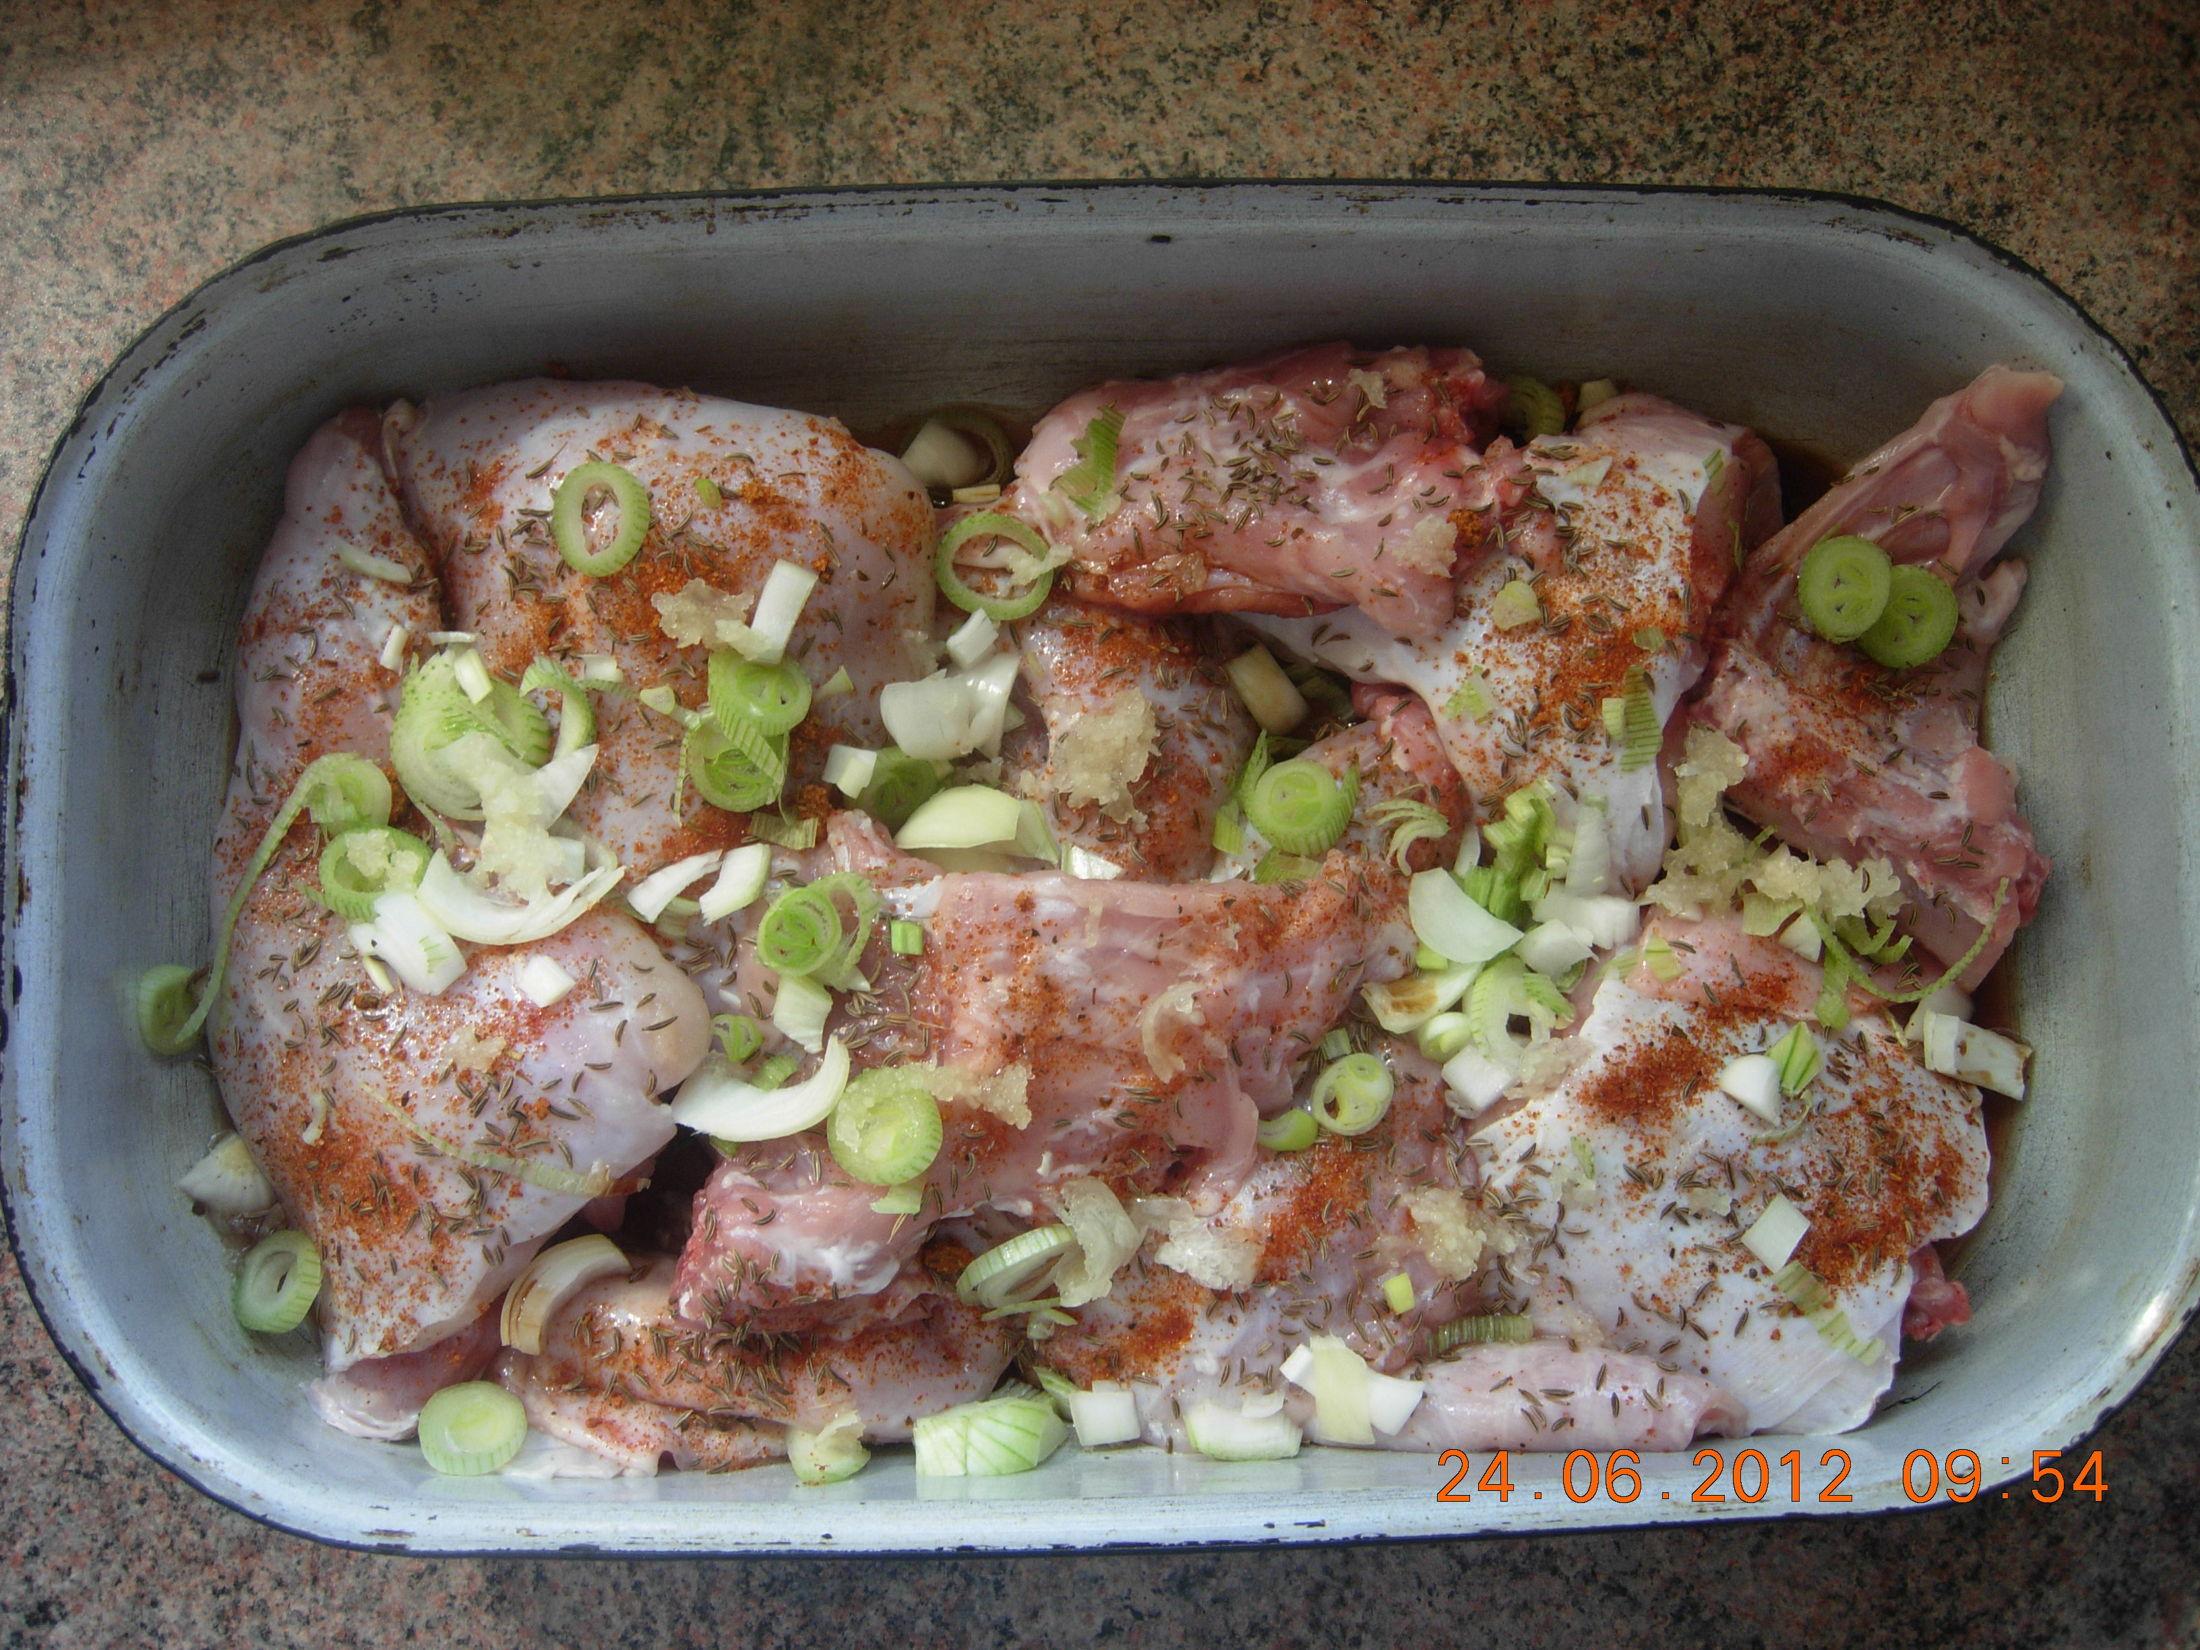 Recept Tradiční pečený králík - Tradiční pečený králík